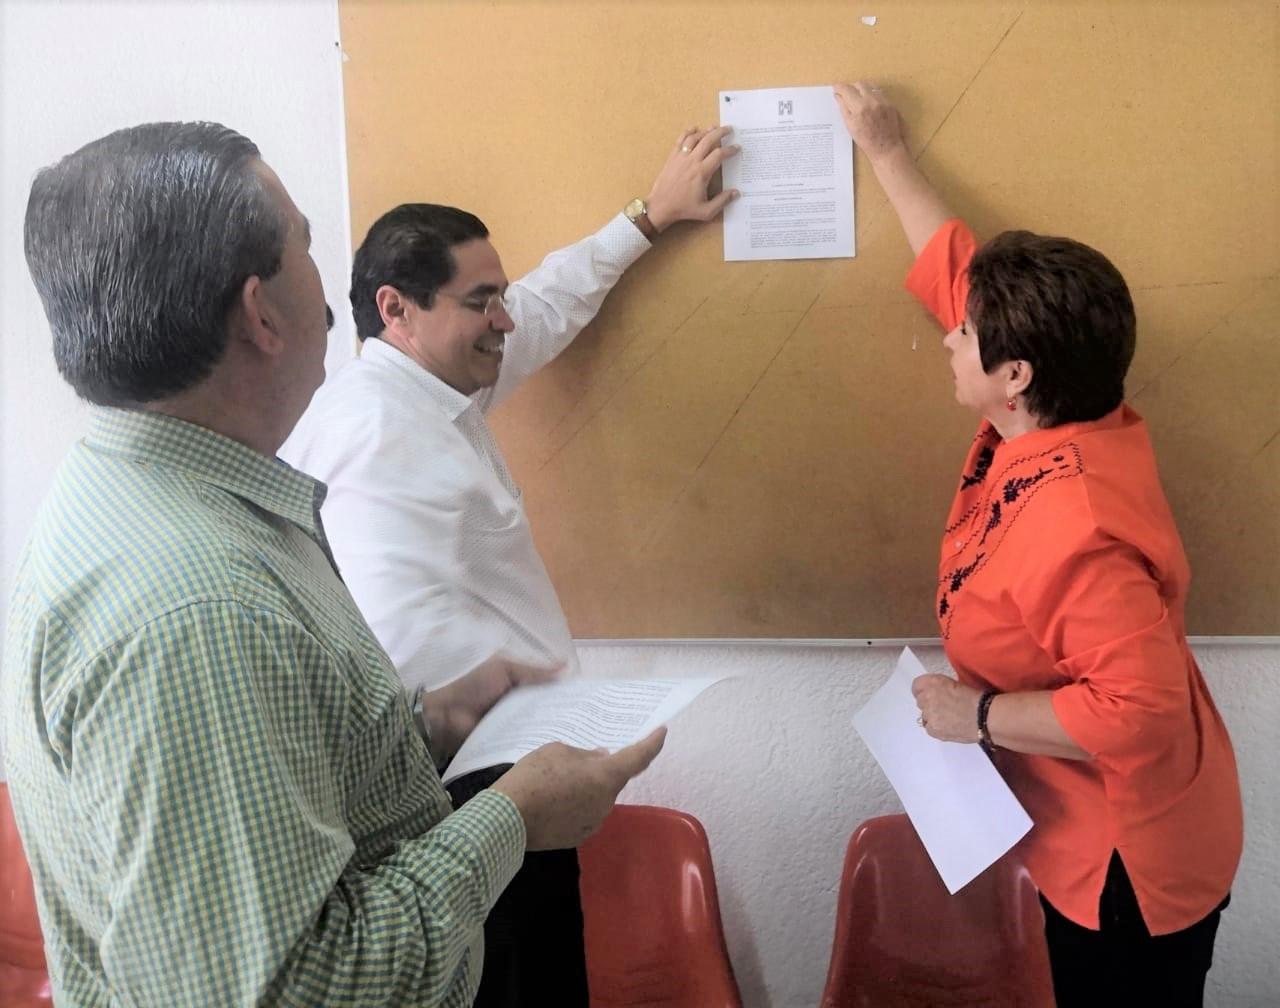 PUBLICACIÓN EN ESTRADOS DE LA CONVOCATORIA PARA LA ELECCIÓN DE LAS Y LOS INTEGRANTES DEL SÉPTIMO CONSEJO POLÍTICO NACIONAL DEL PARTIDO REVOLUCIONARIO INSTITUCIONAL PARA EL PERIODO ESTATUTARIO 2019-2022